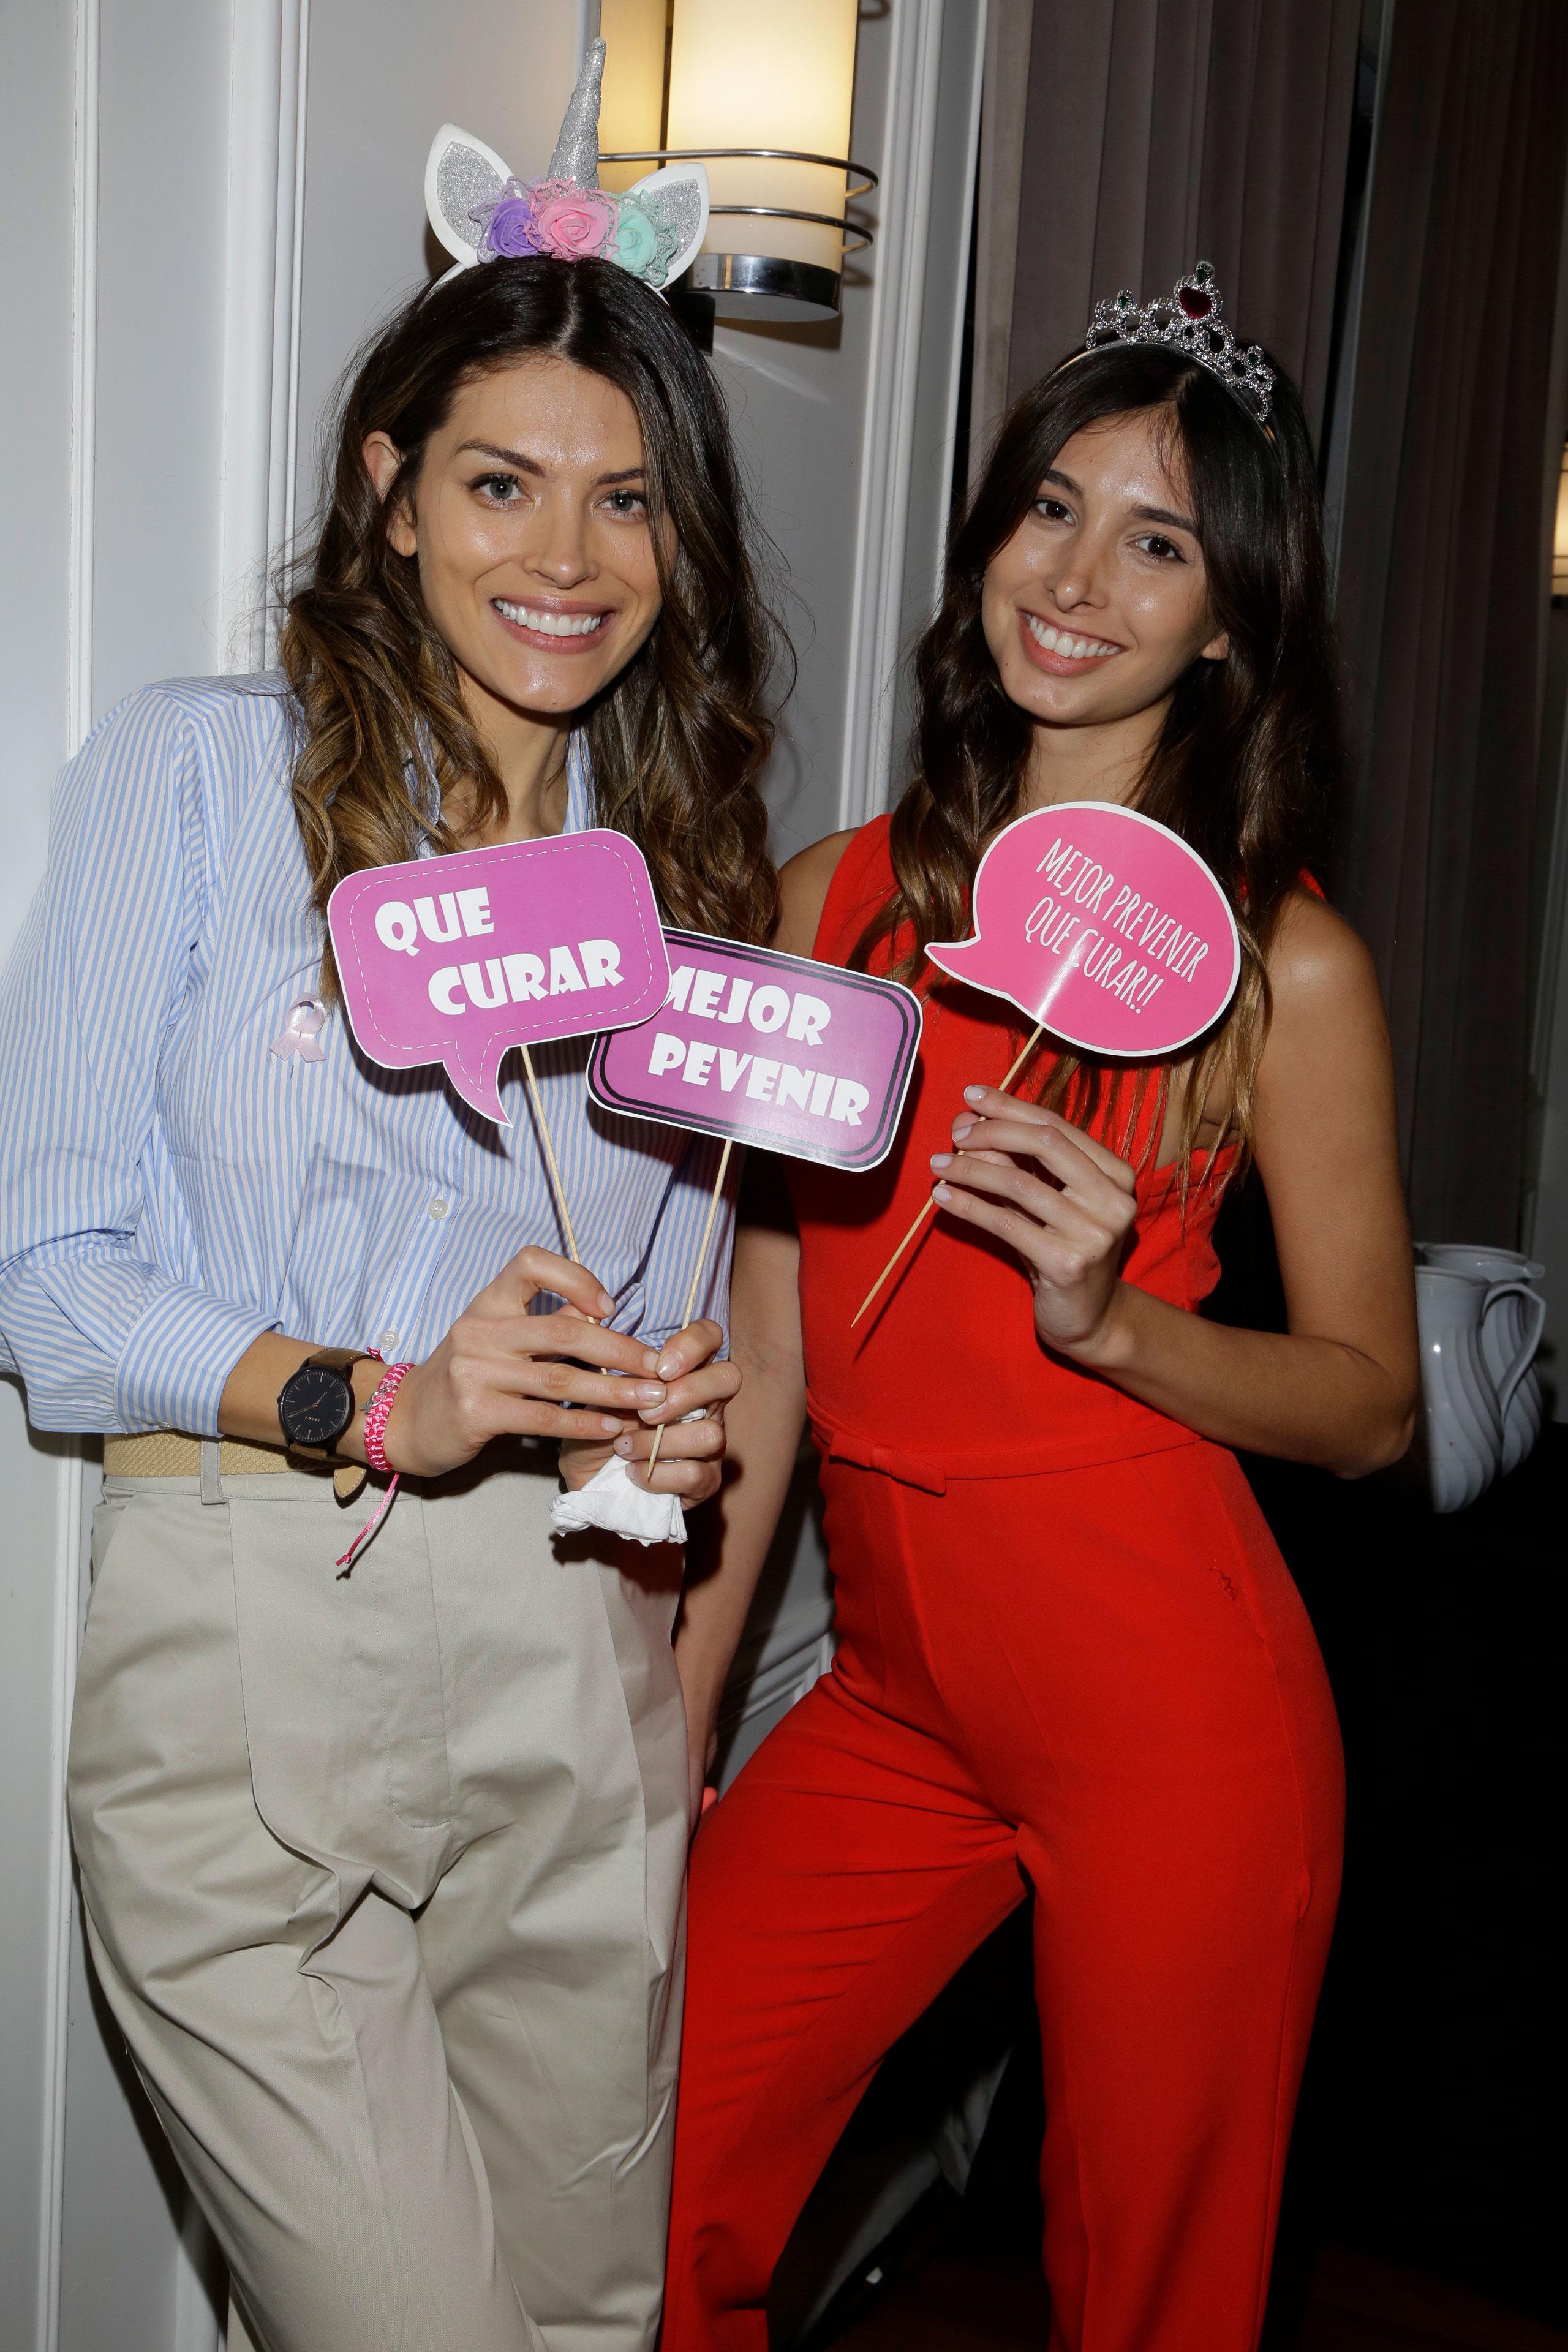 Sendy Cáceres y Eugenia Sánchez /// Fotos: Gentileza Visage Entertainment y Nueva Comunicación